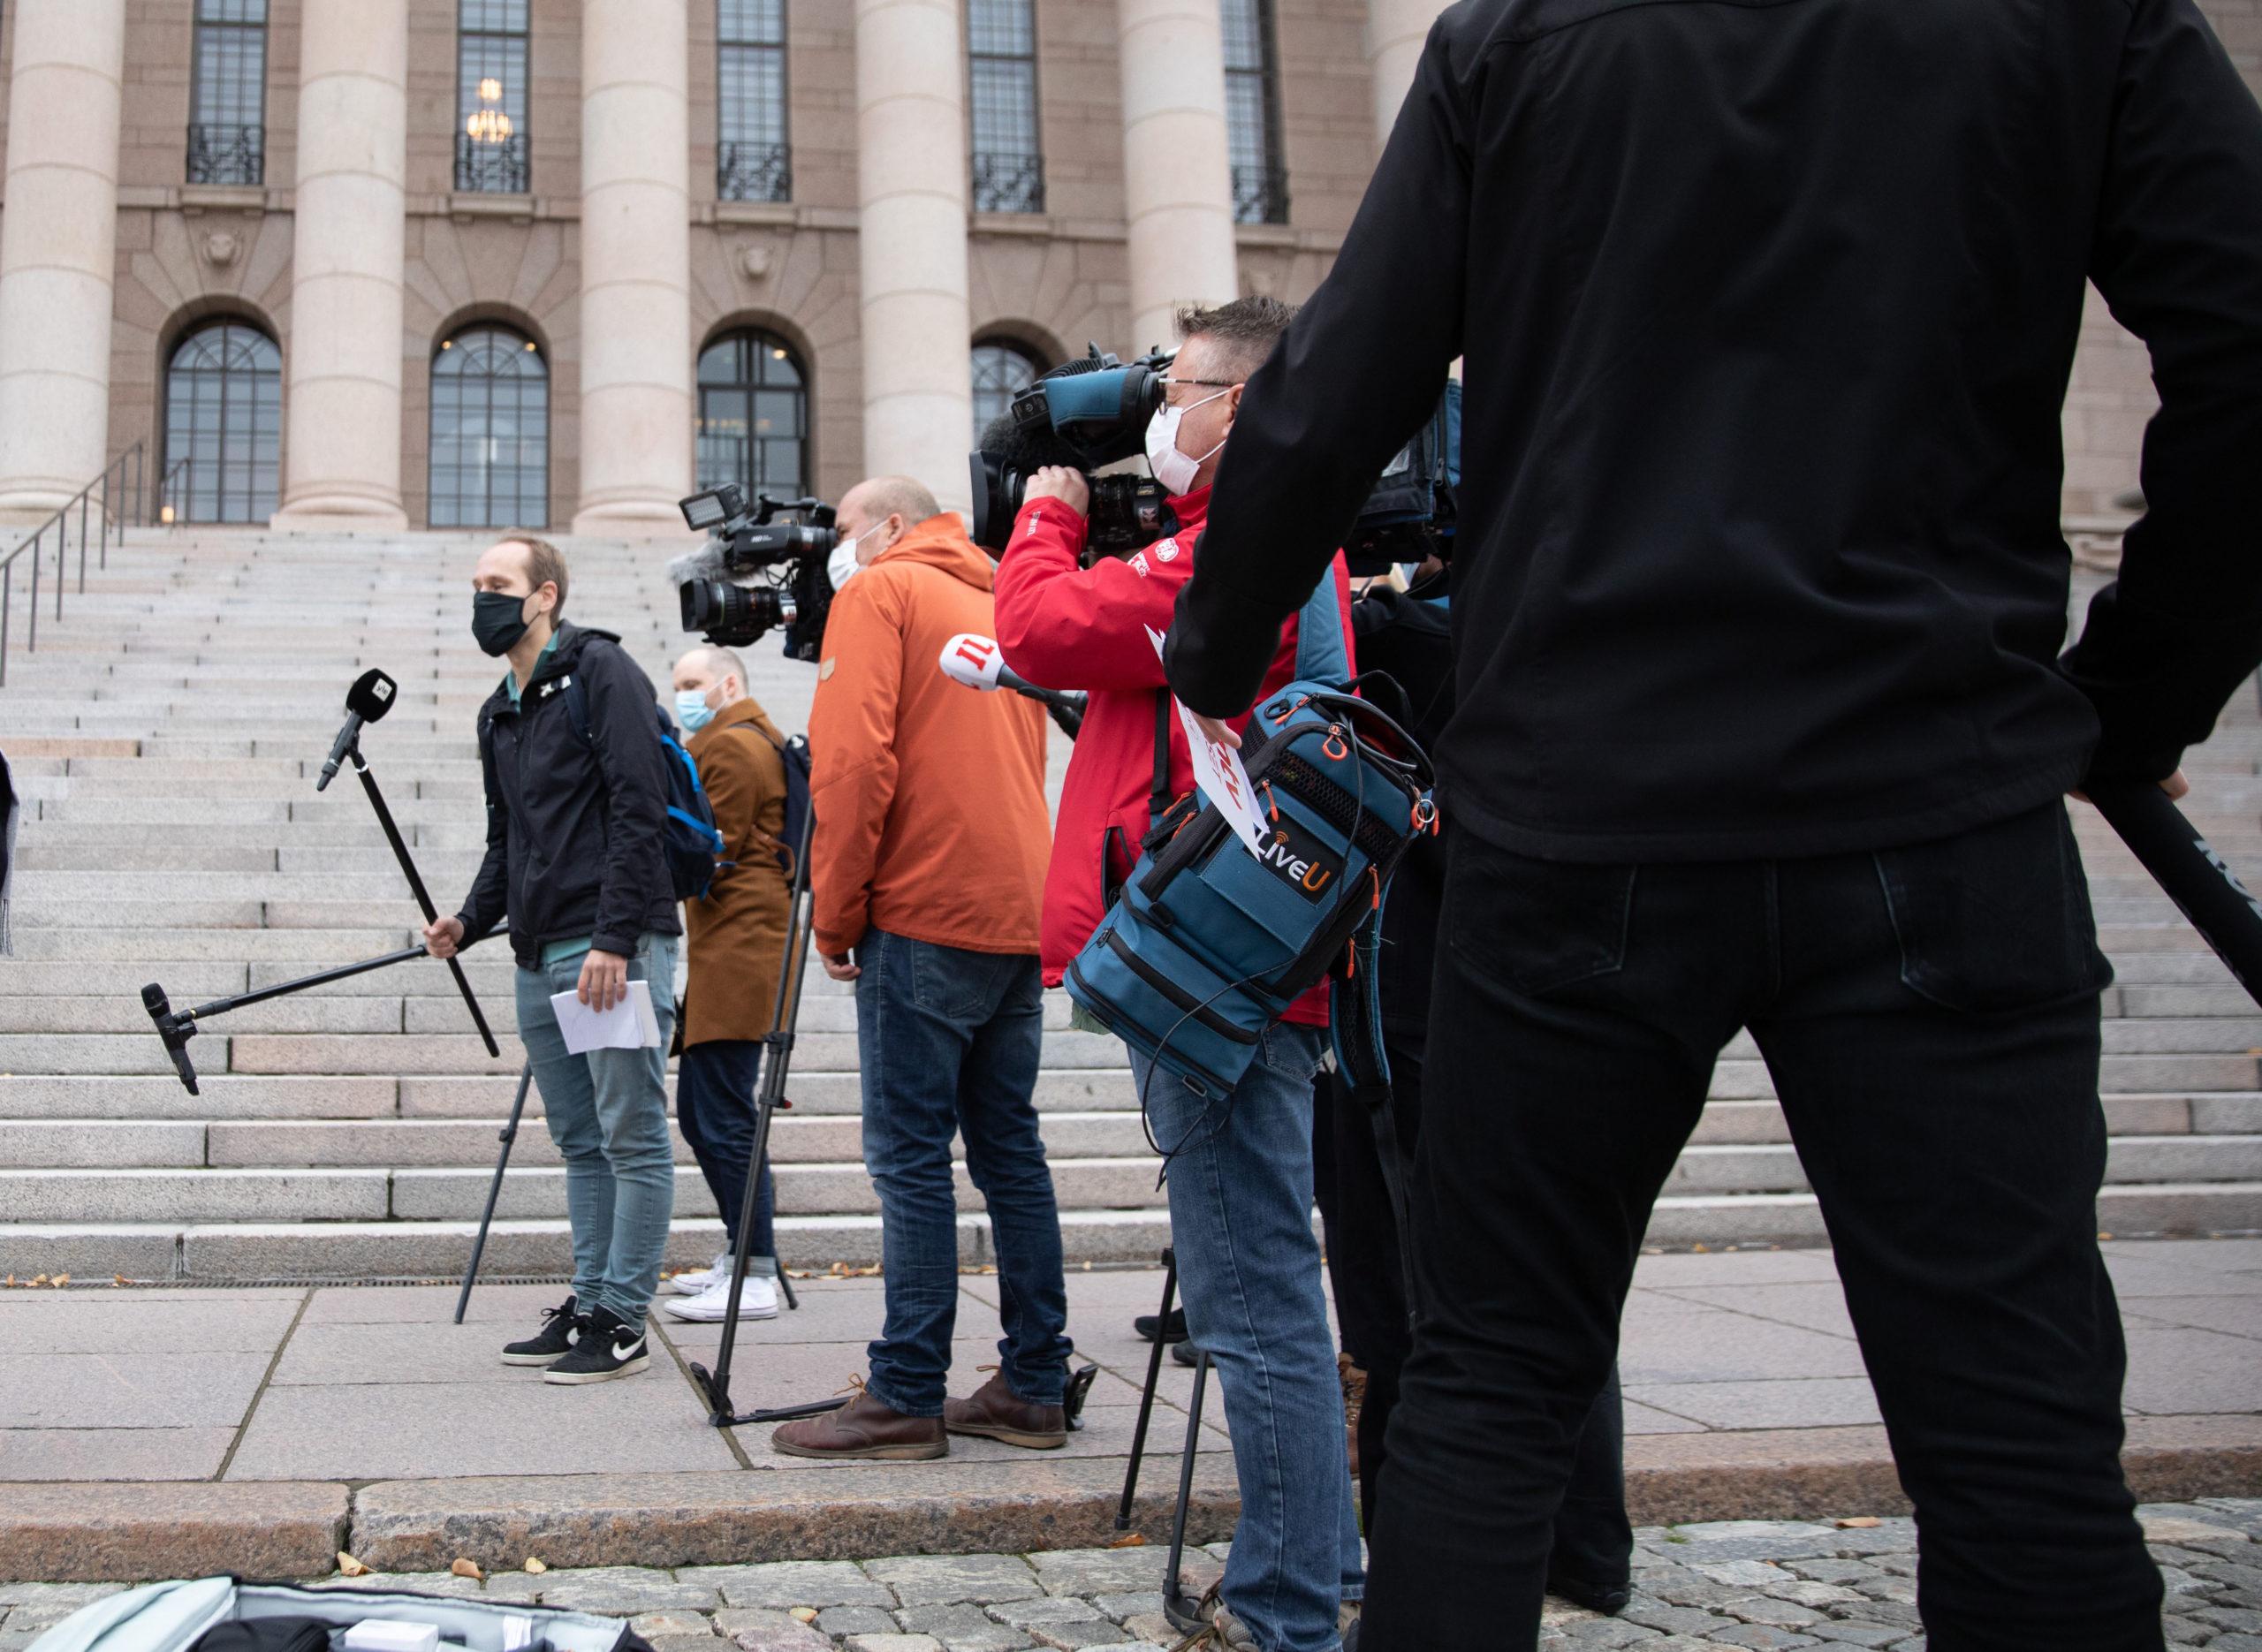 Näkyvästi esillä olevat tutkijat ovat joutuneet  Suomessa uhkailun ja vainon kohteeksi. Kuva: Flickr/Valtioneuvoston kanslia/Lauri Heikkinen